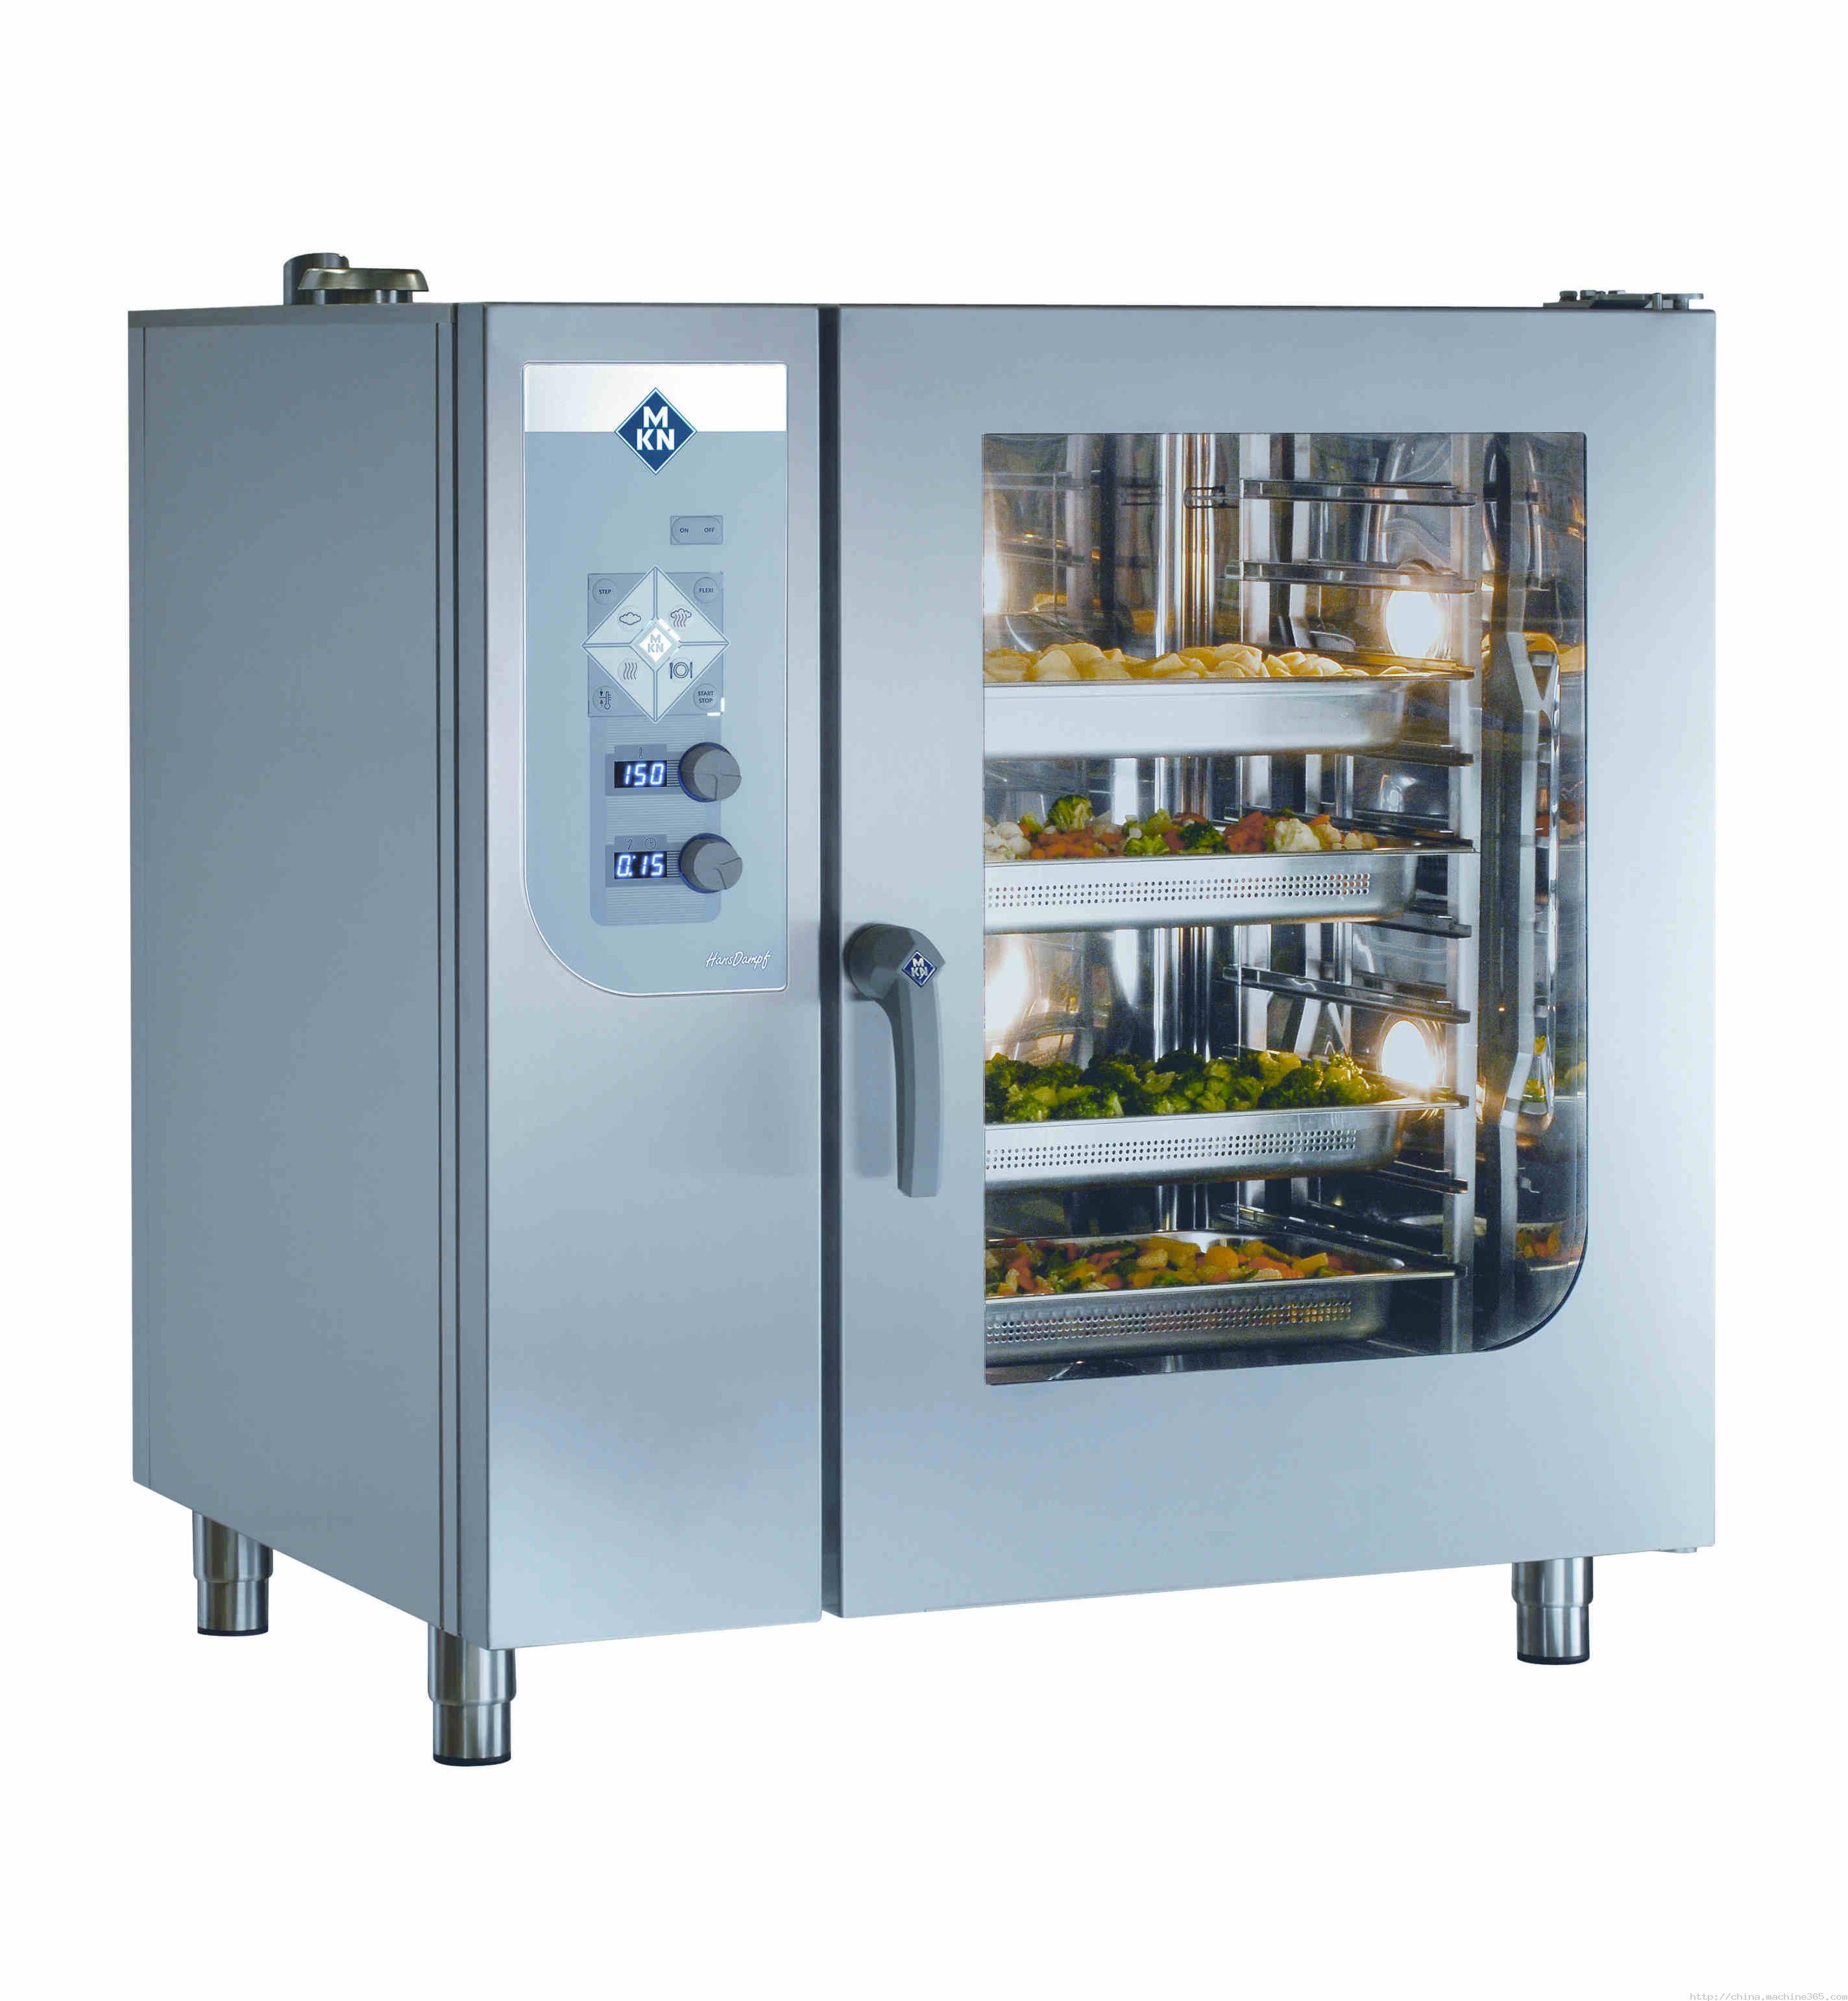 机械设计-供应商用全自动蒸烤箱-中华机械网